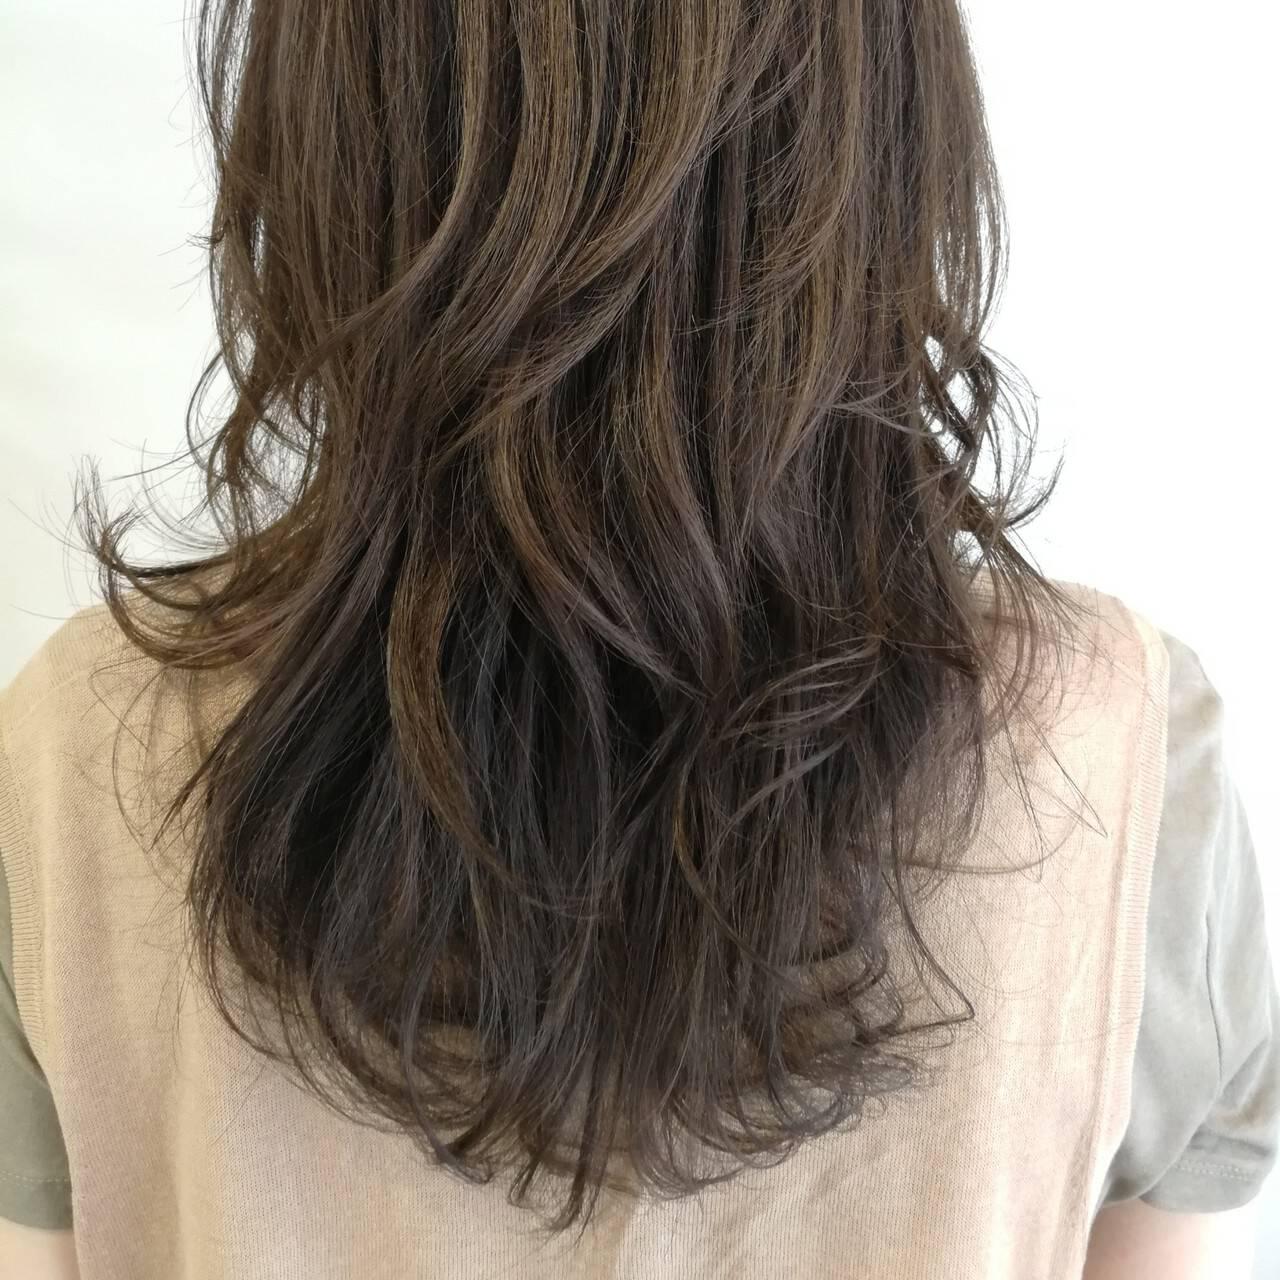 スモーキーカラー ハイライト ウェーブ ナチュラルヘアスタイルや髪型の写真・画像